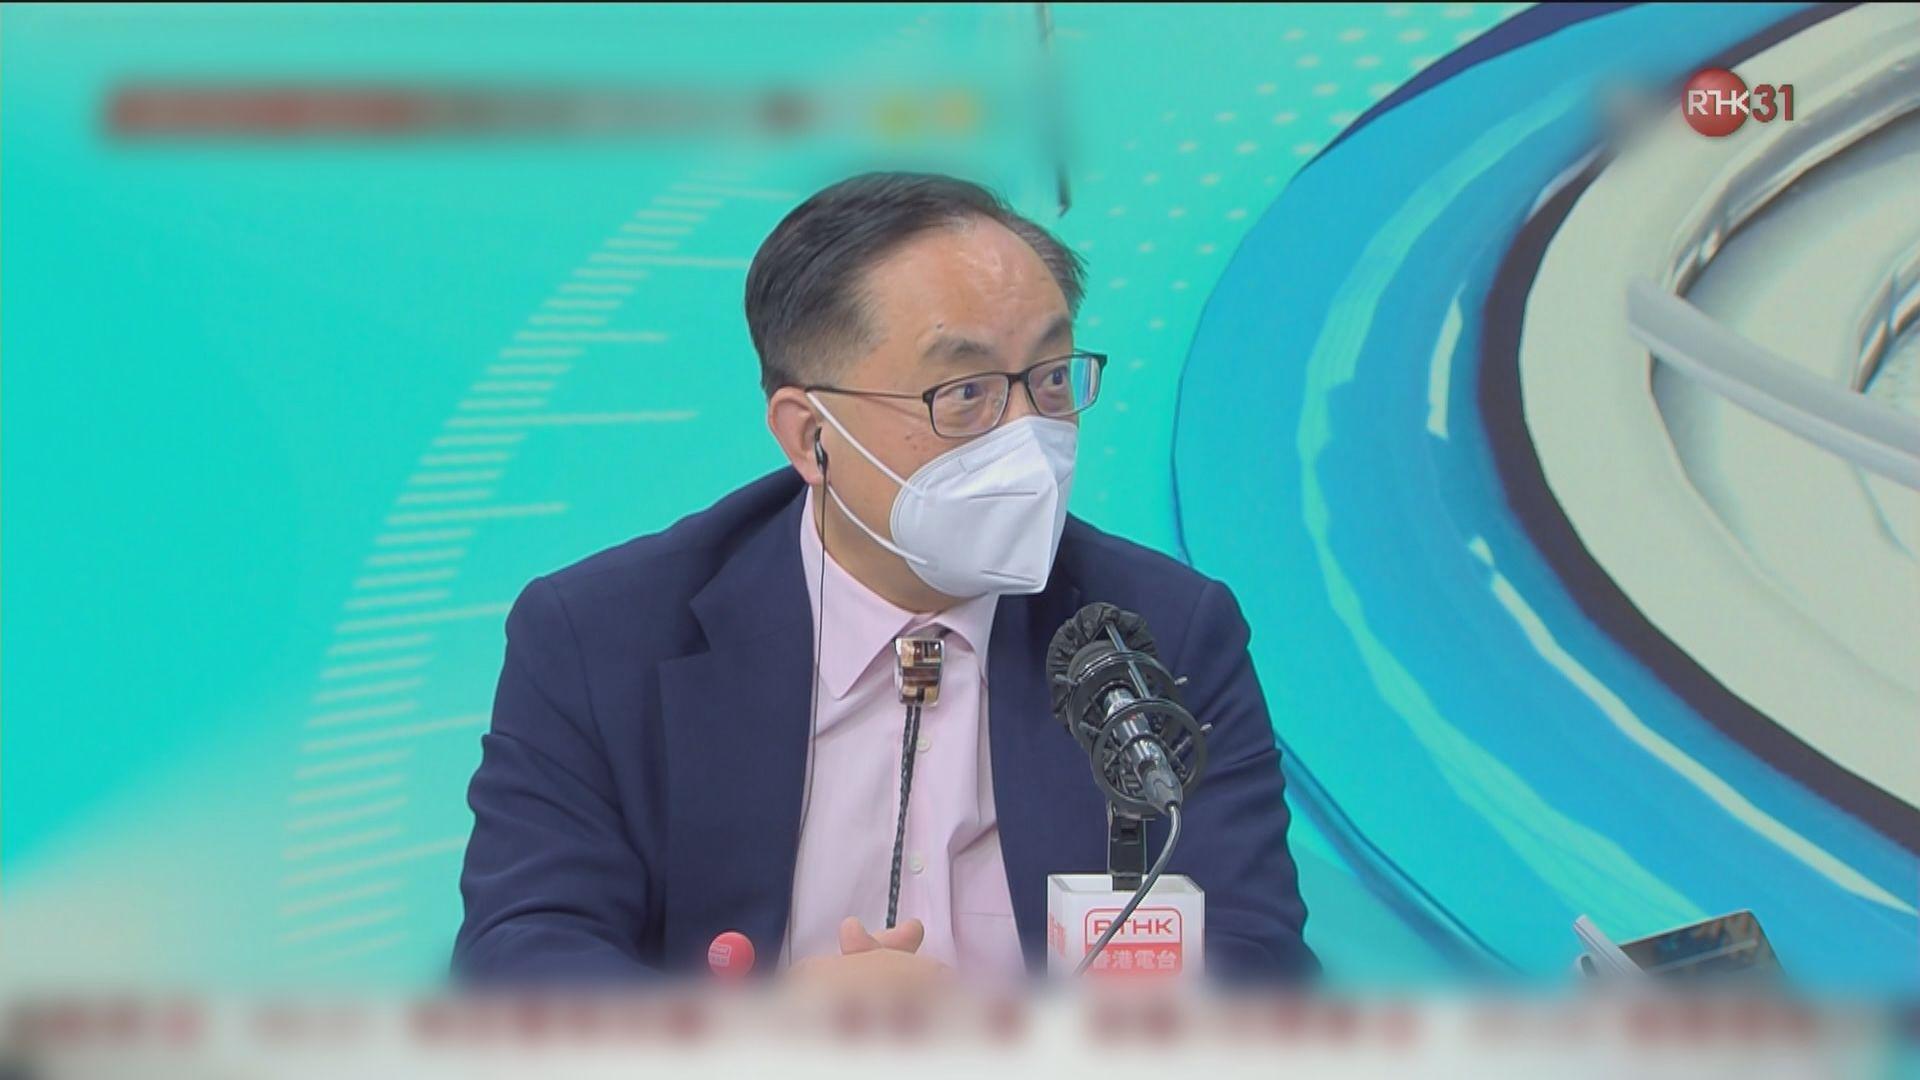 楊偉雄指疫情完結前推出可重用口罩